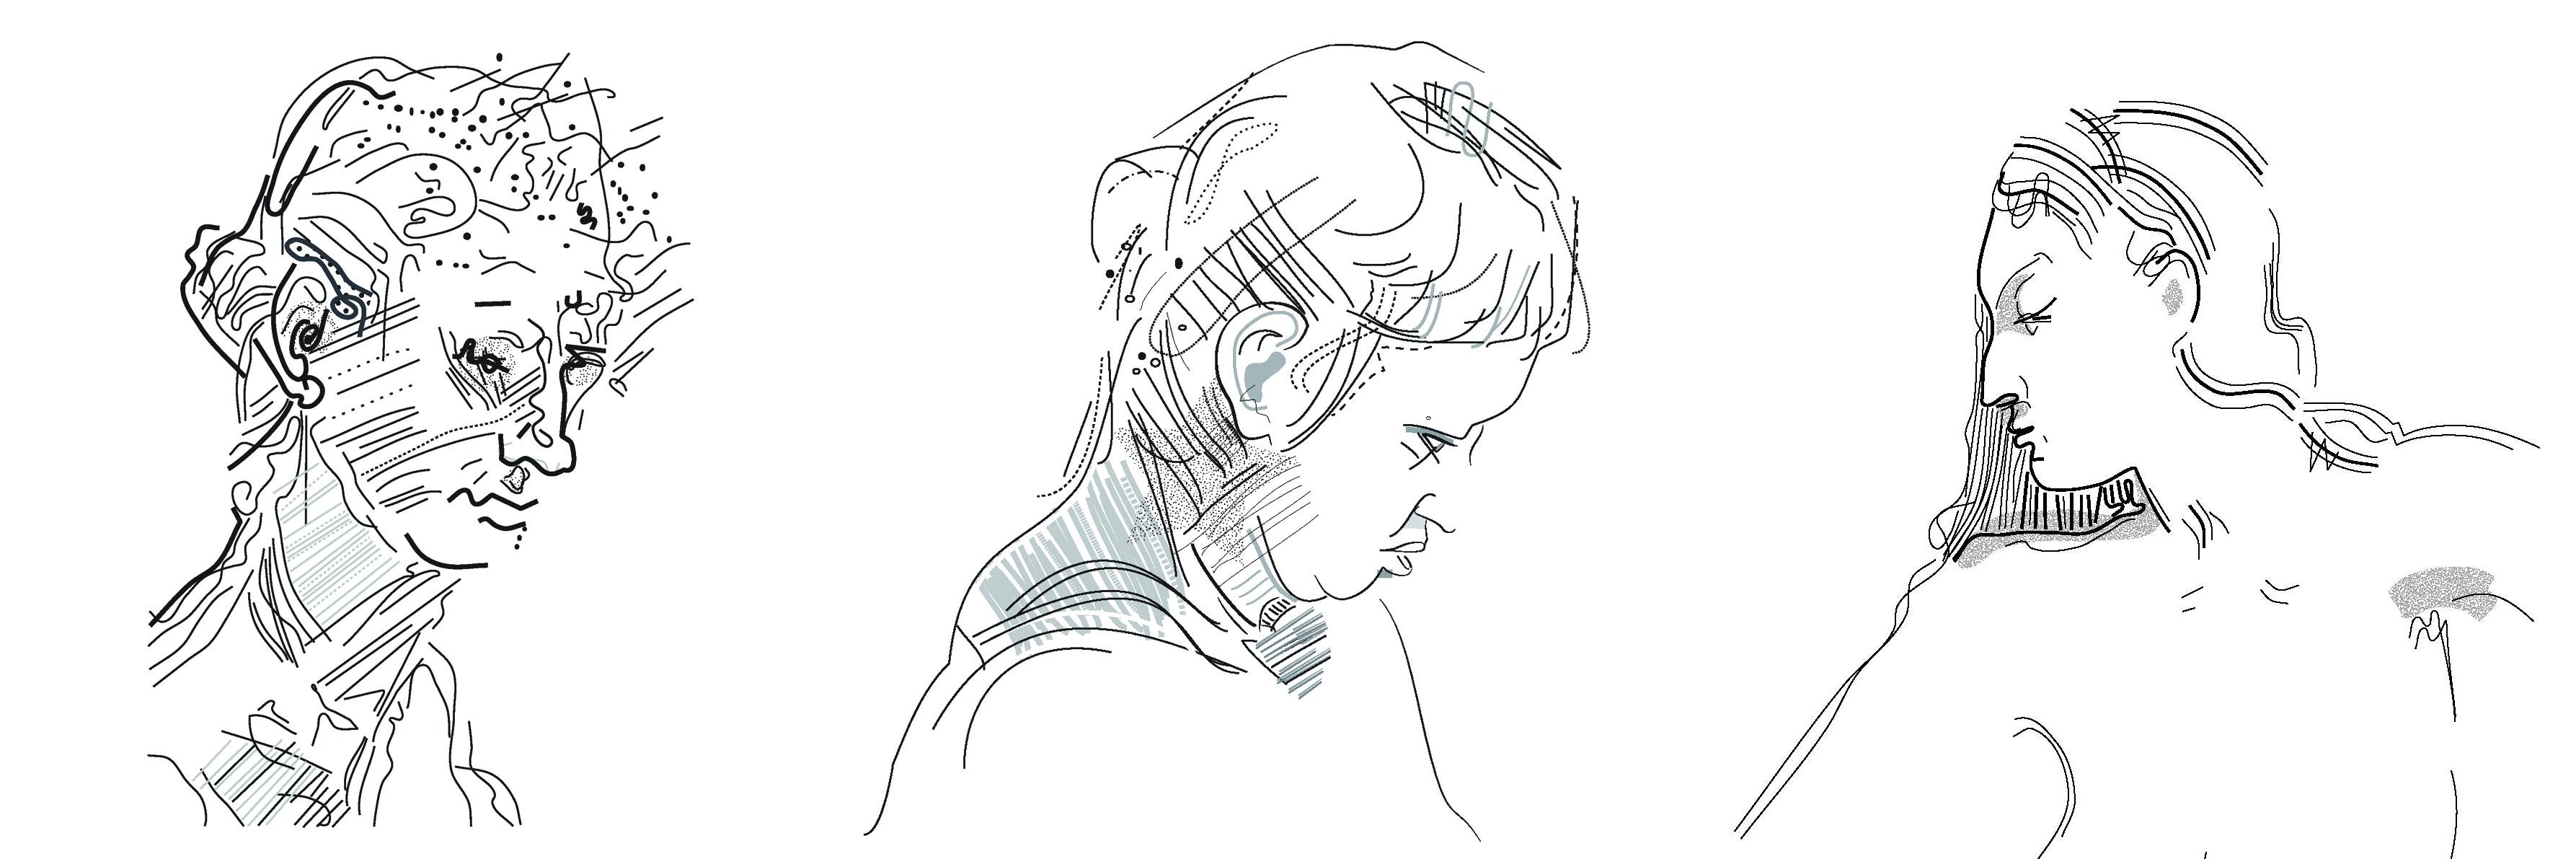 """threemuses, Digital vector drawings showing three of the nine """"muses"""" series 2017, Chris Mercier."""